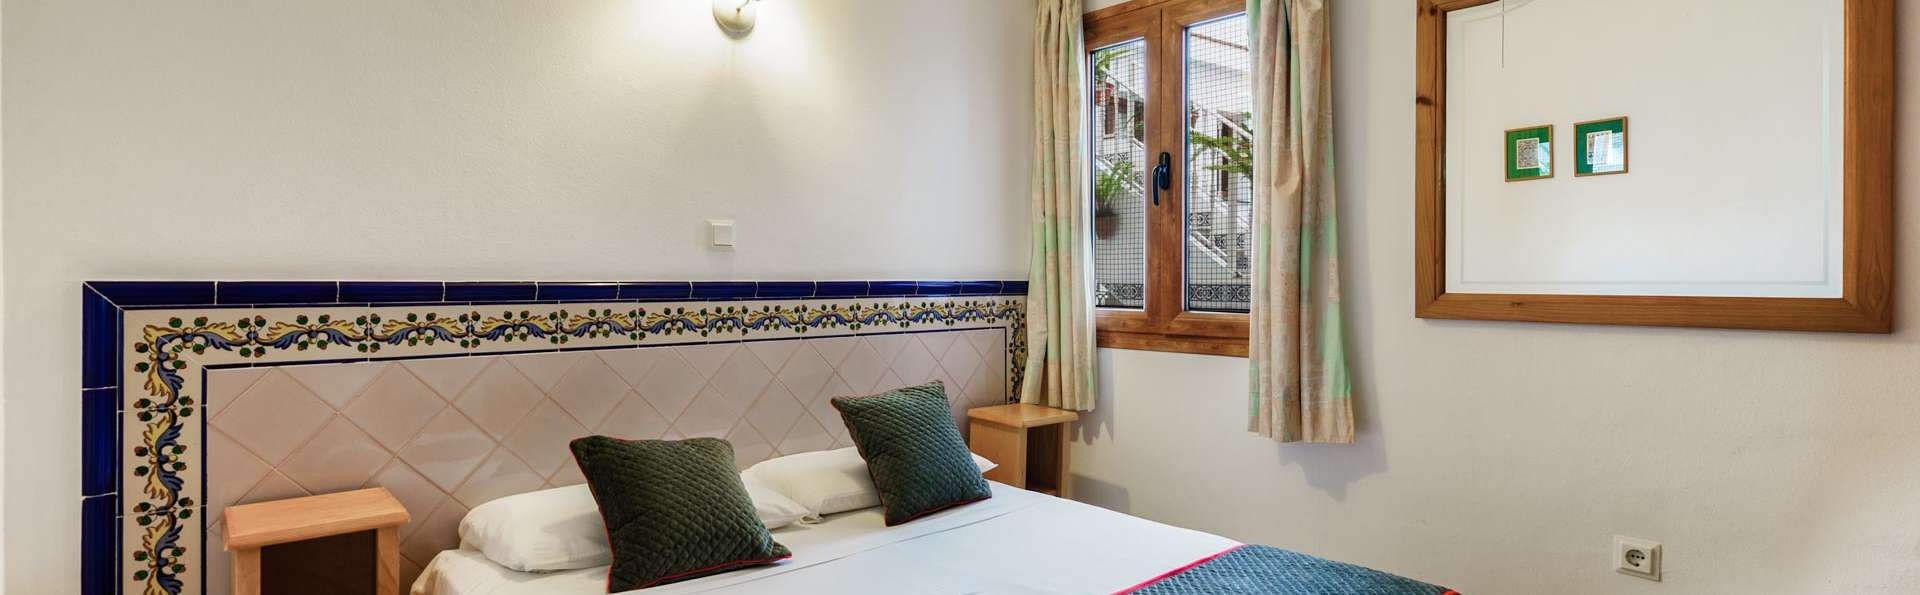 Profitez de la côte méditerranéenne dans un hôtel traditionnel de Nerja